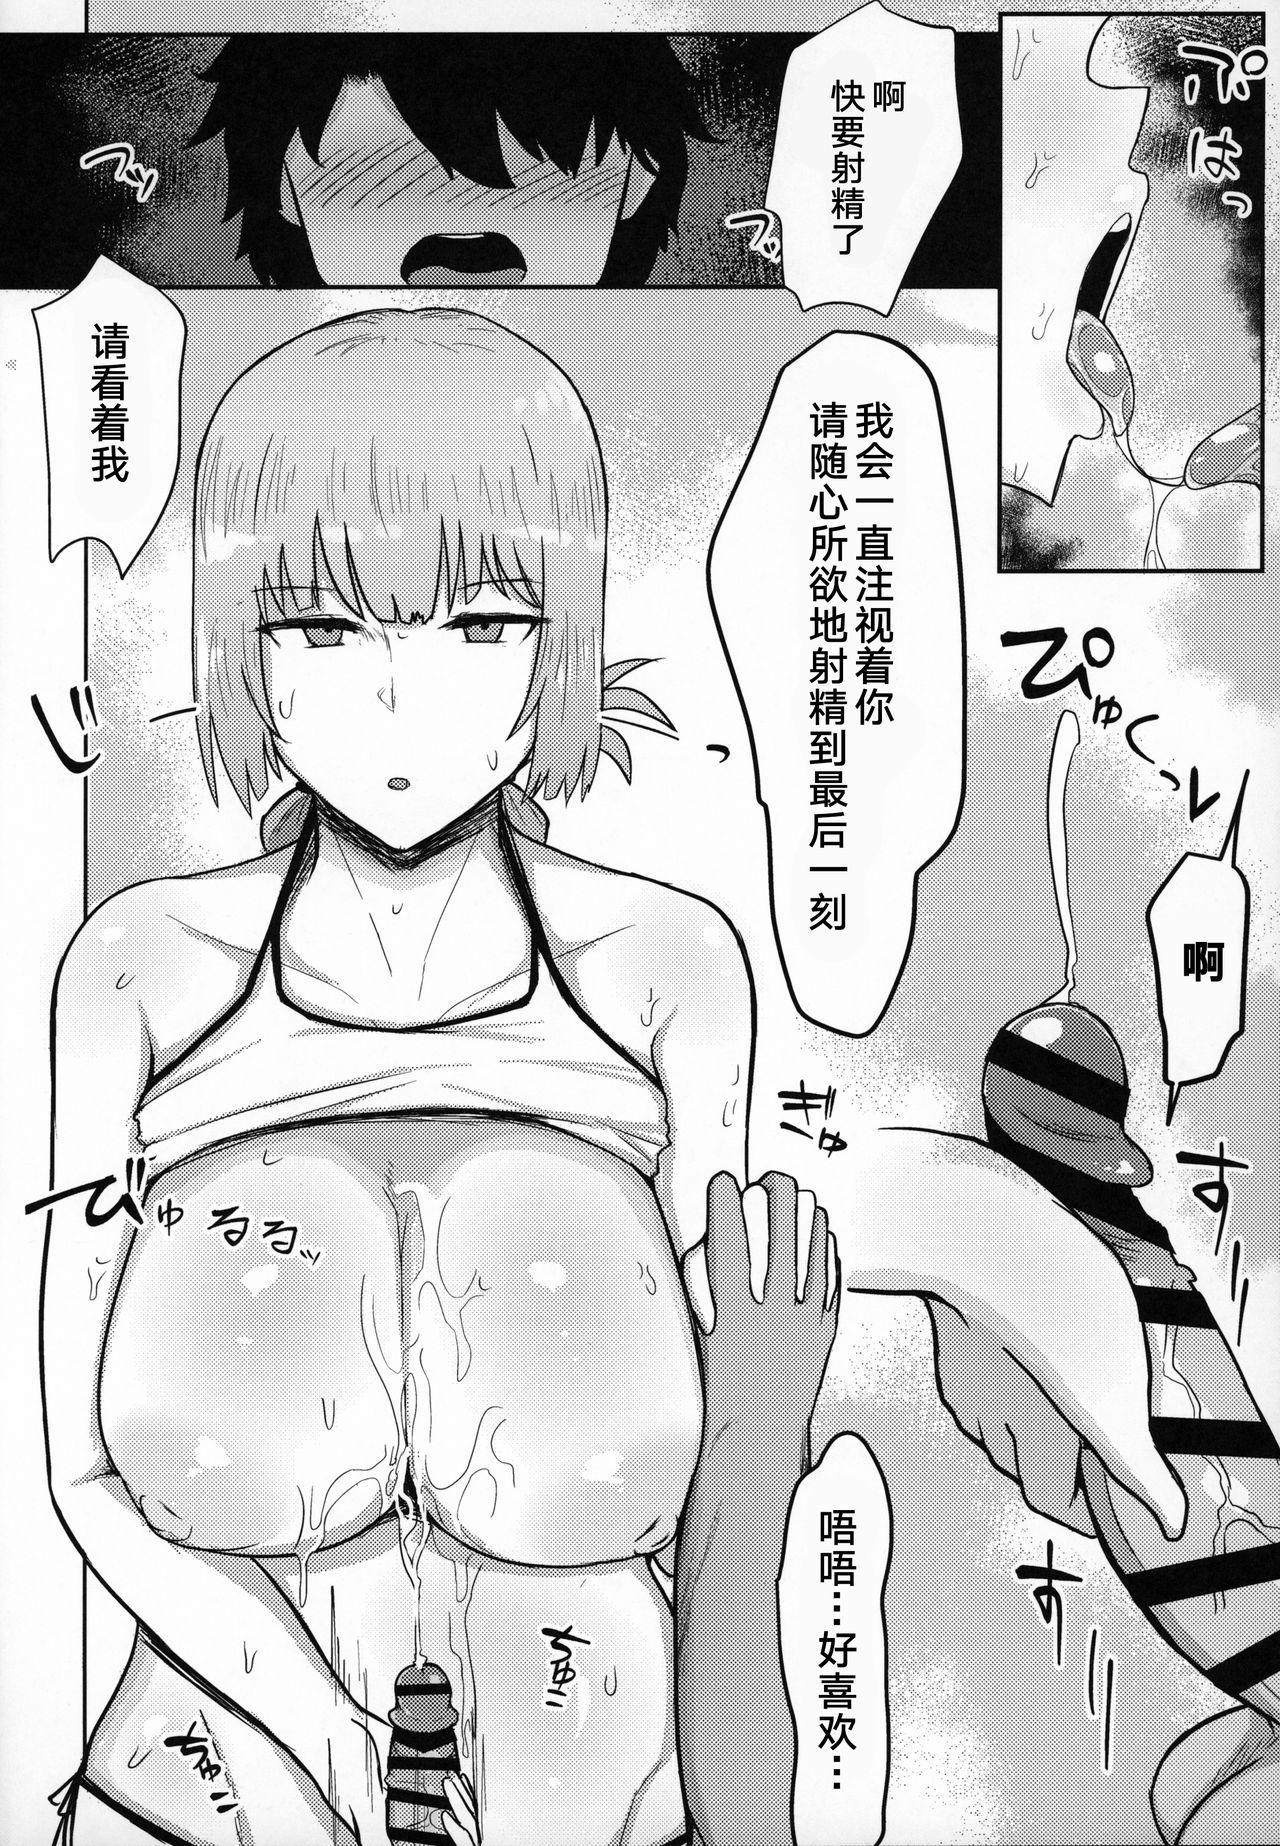 Chaldea Shikoshiko Life Saver 8